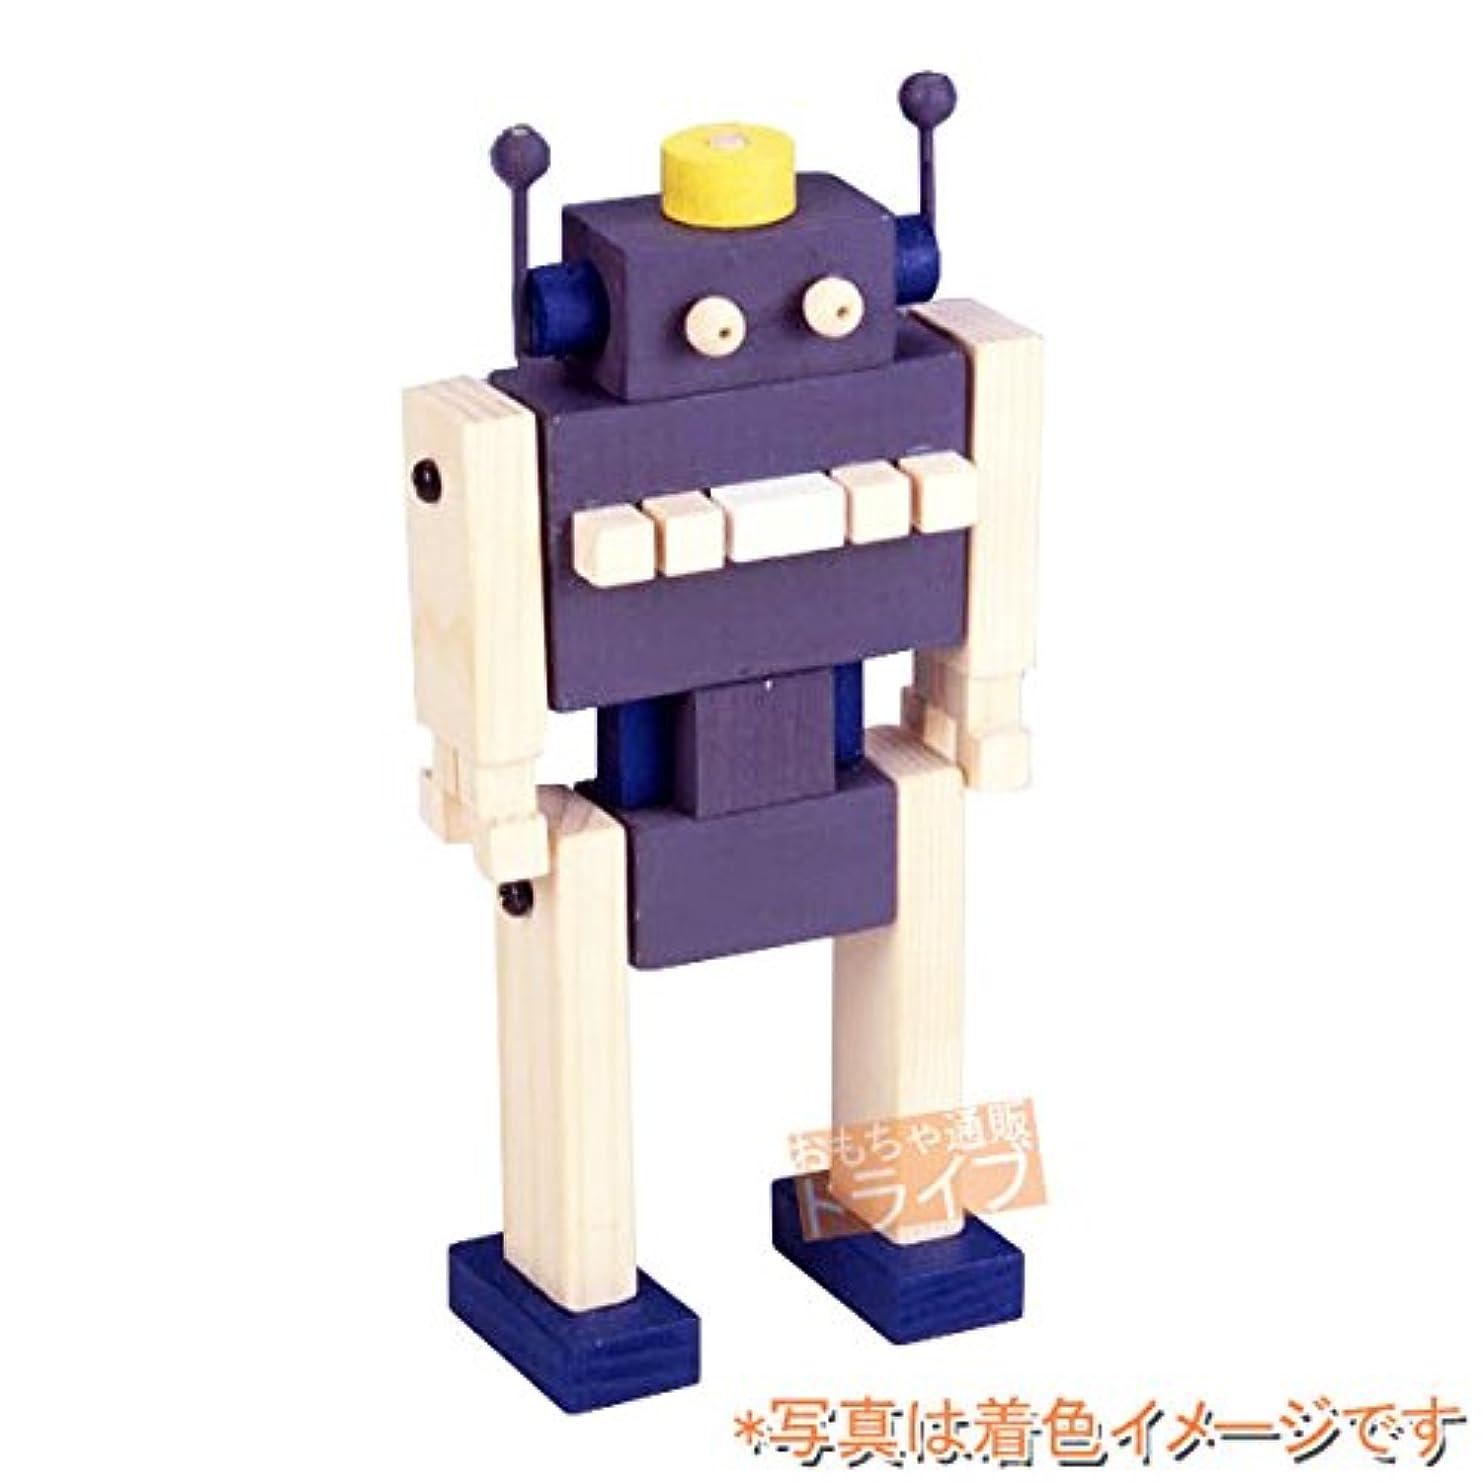 邪魔する経験おもてなし木製工作キット ロボット